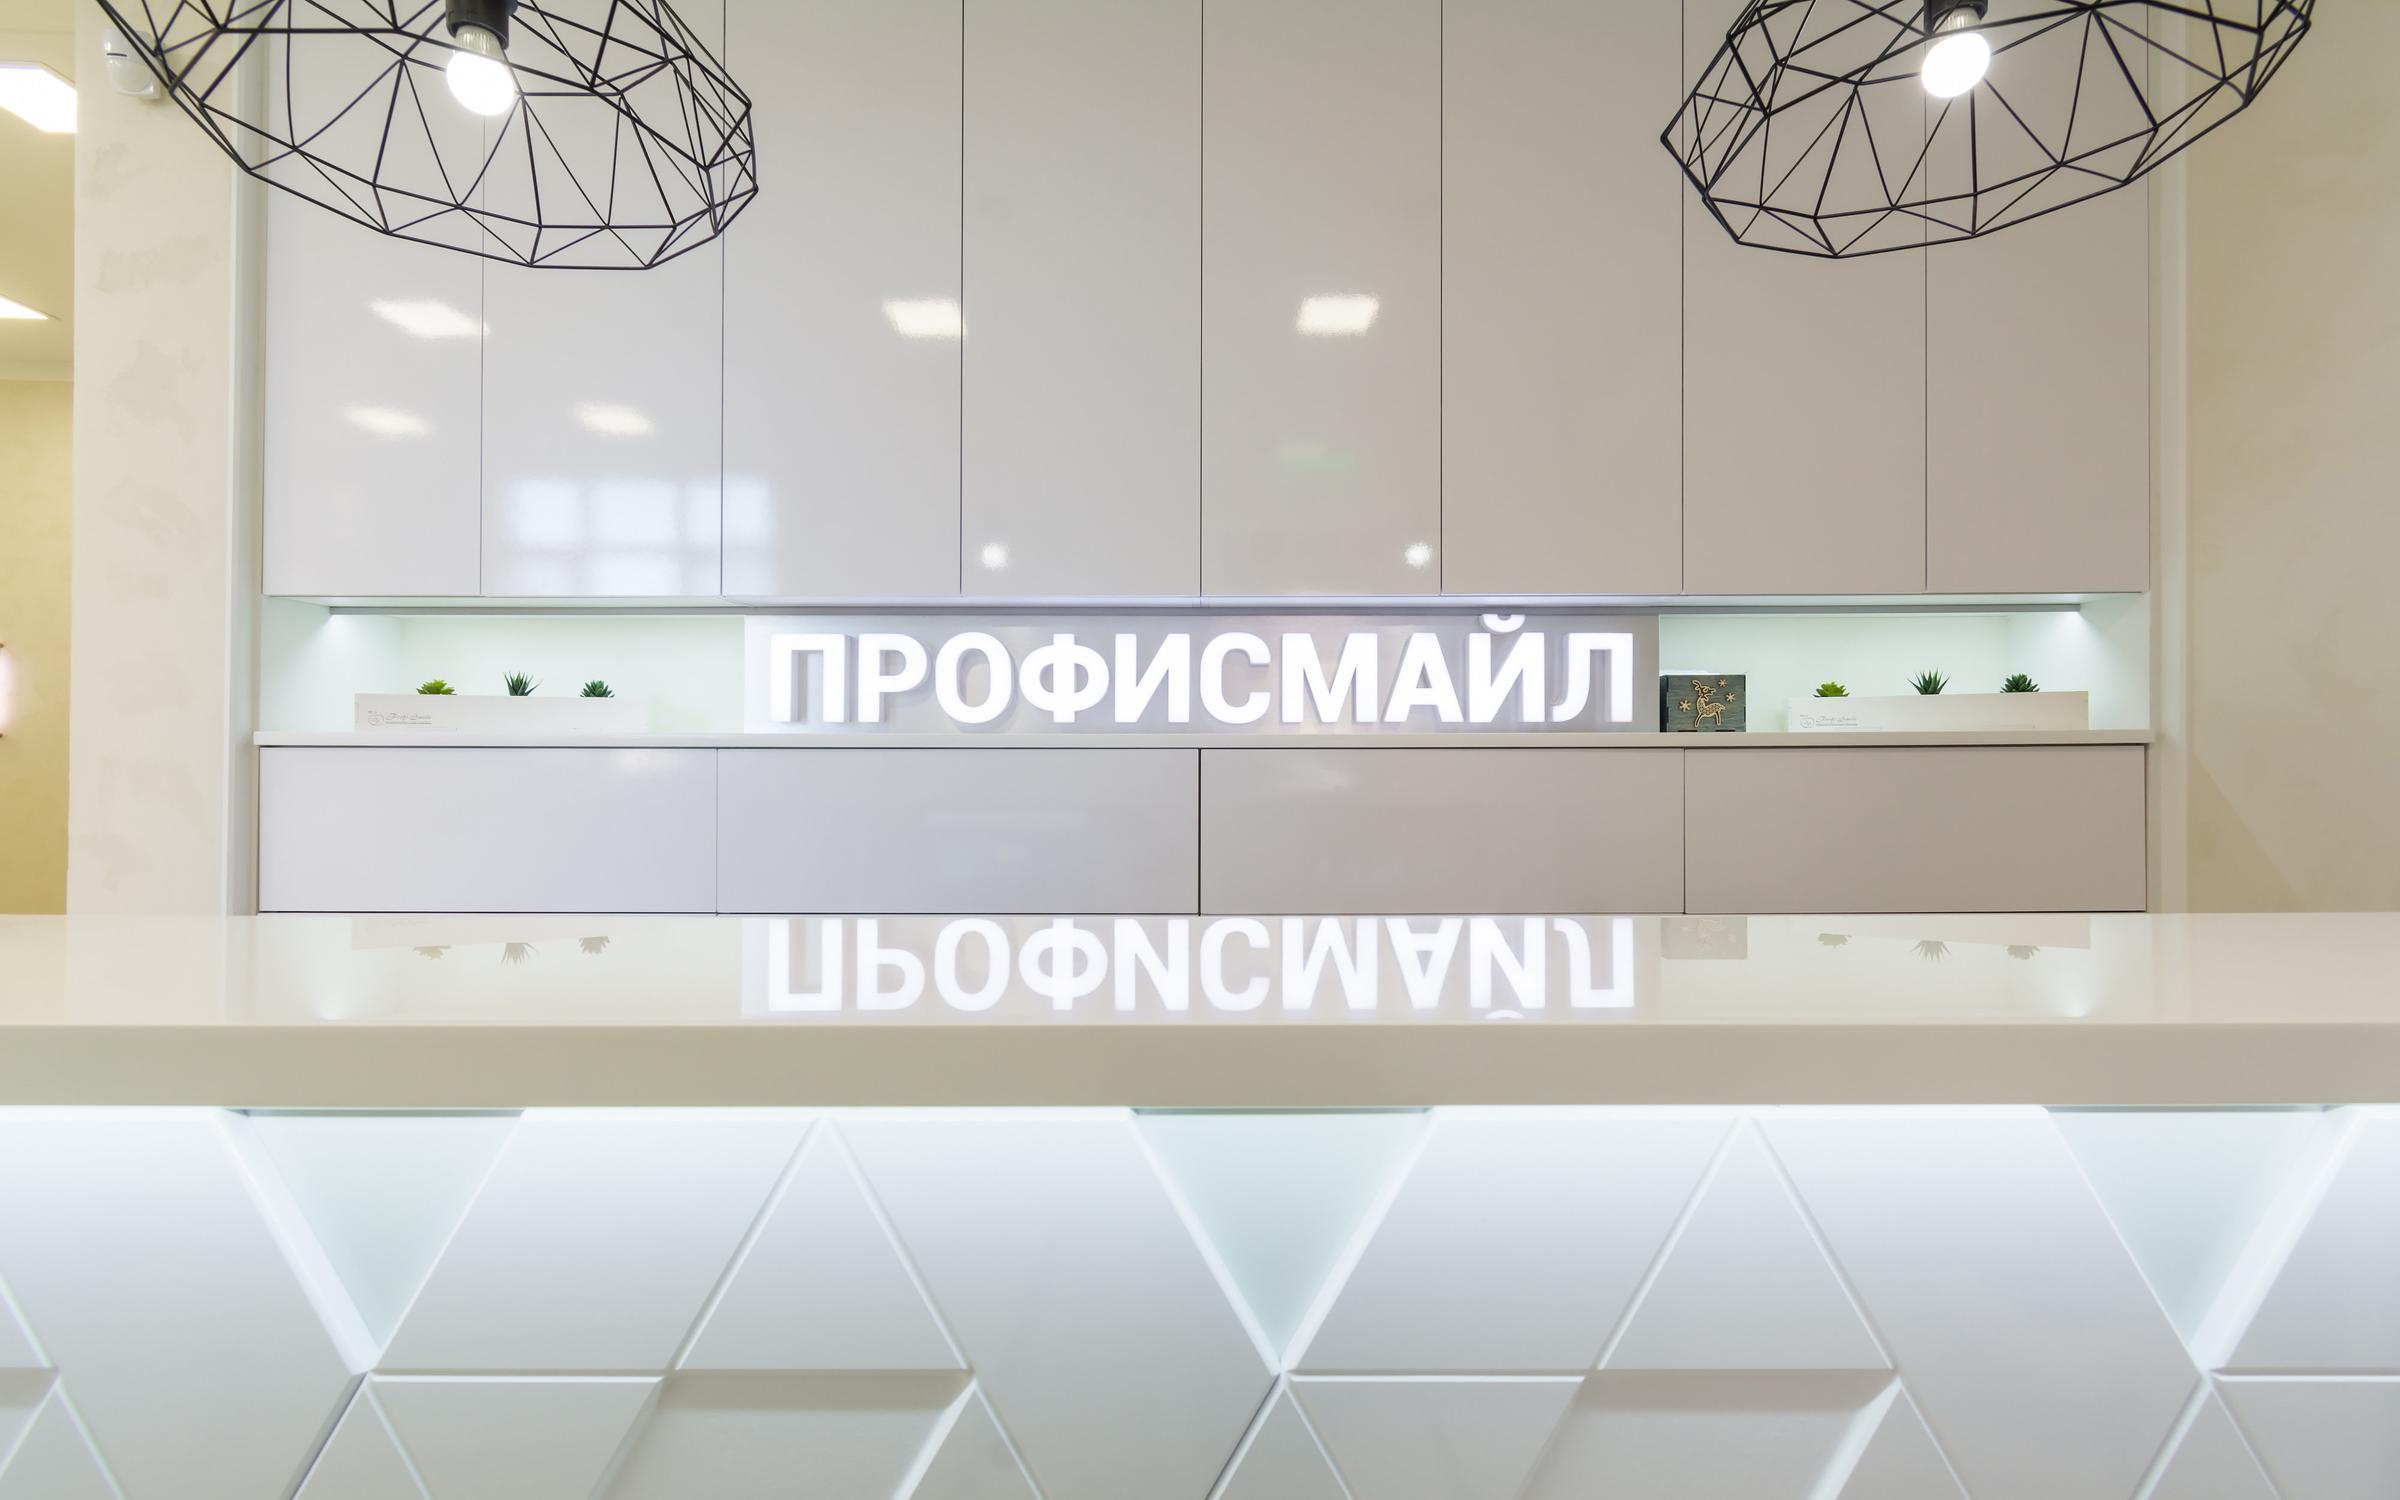 фотография Стоматологической клиники ПрофиСмайл на Бородинском бульваре в Подольске